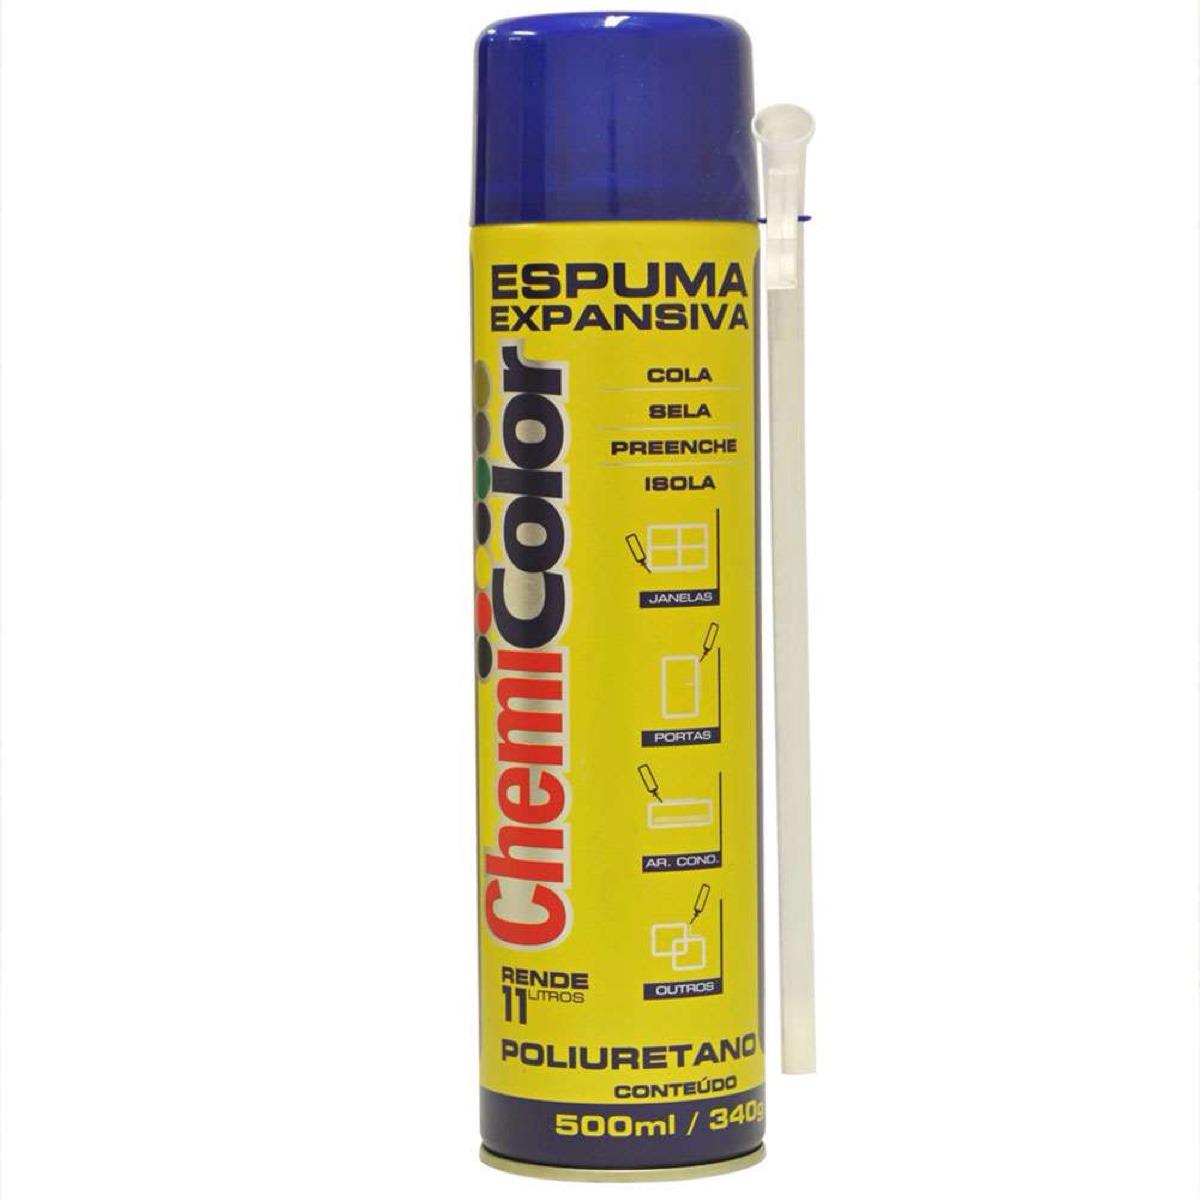 703445a114c espuma expansiva poliuretano 500 ml rende 11 l. Carregando zoom.